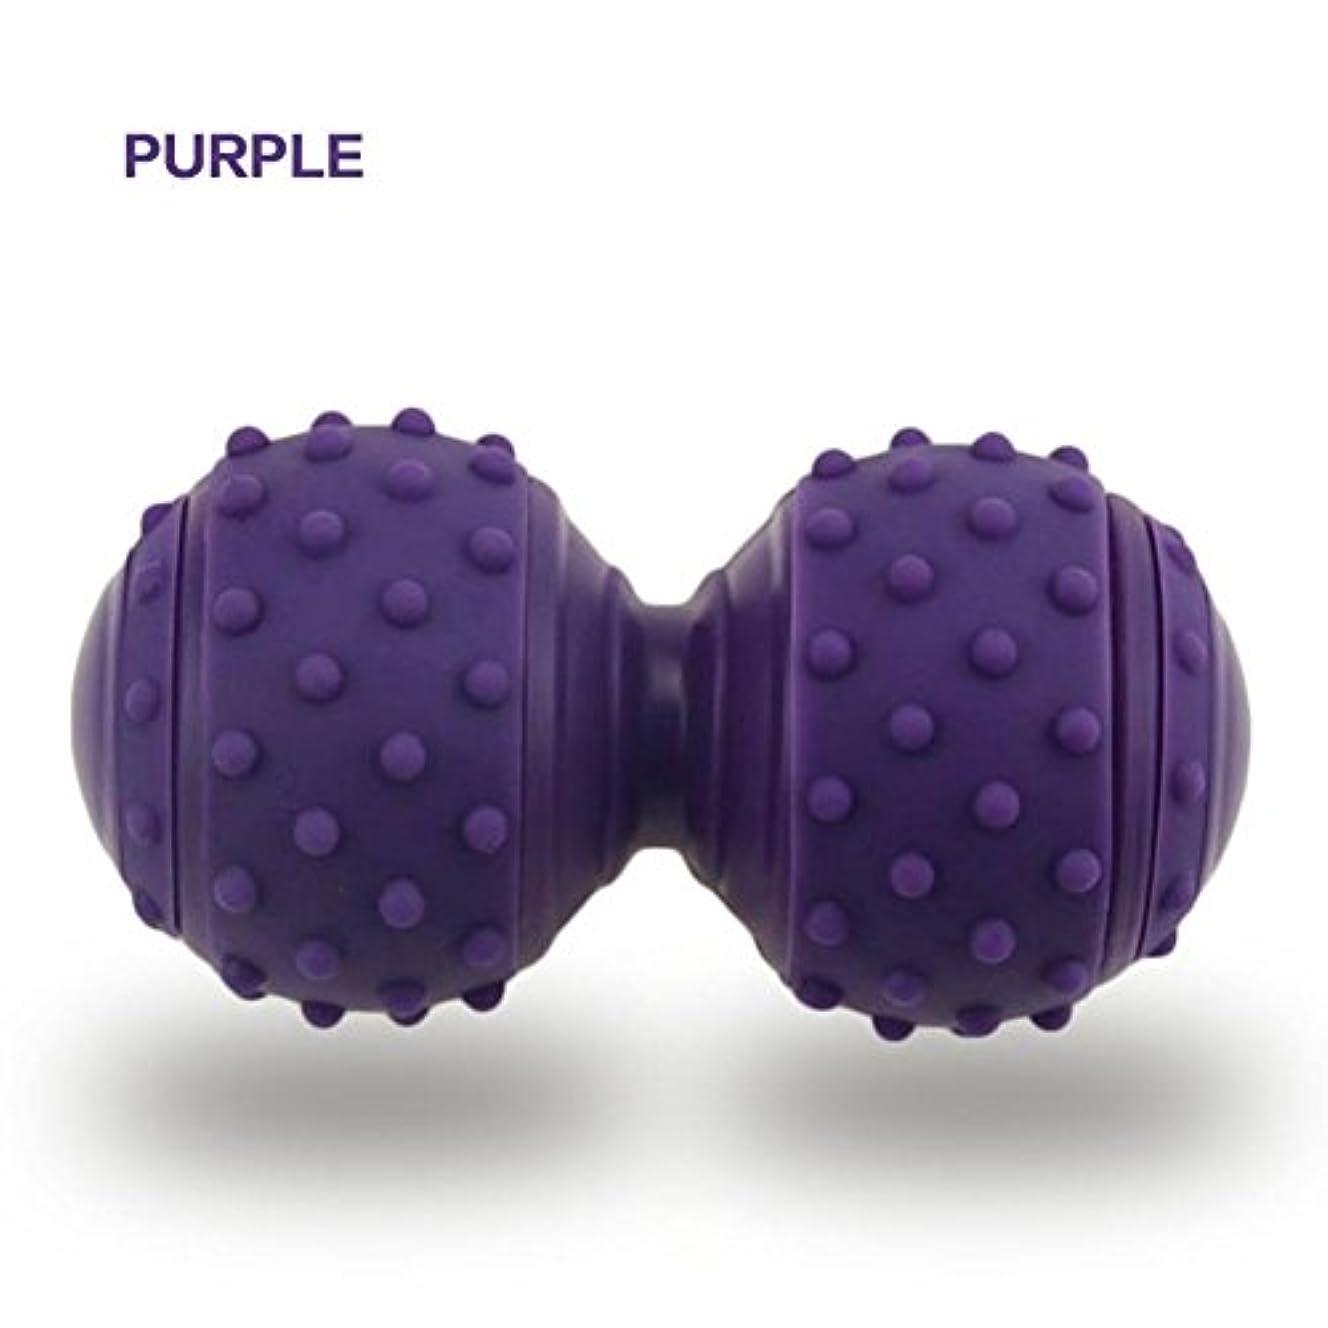 ストラップマニア節約するLUERME マッサージボール ストレッチボール 疲れ解消ボールトリガーポイント 筋膜リリース 「 肩/背中/腰/ふくらはぎ/足裏 」 ツボ押しグッズ